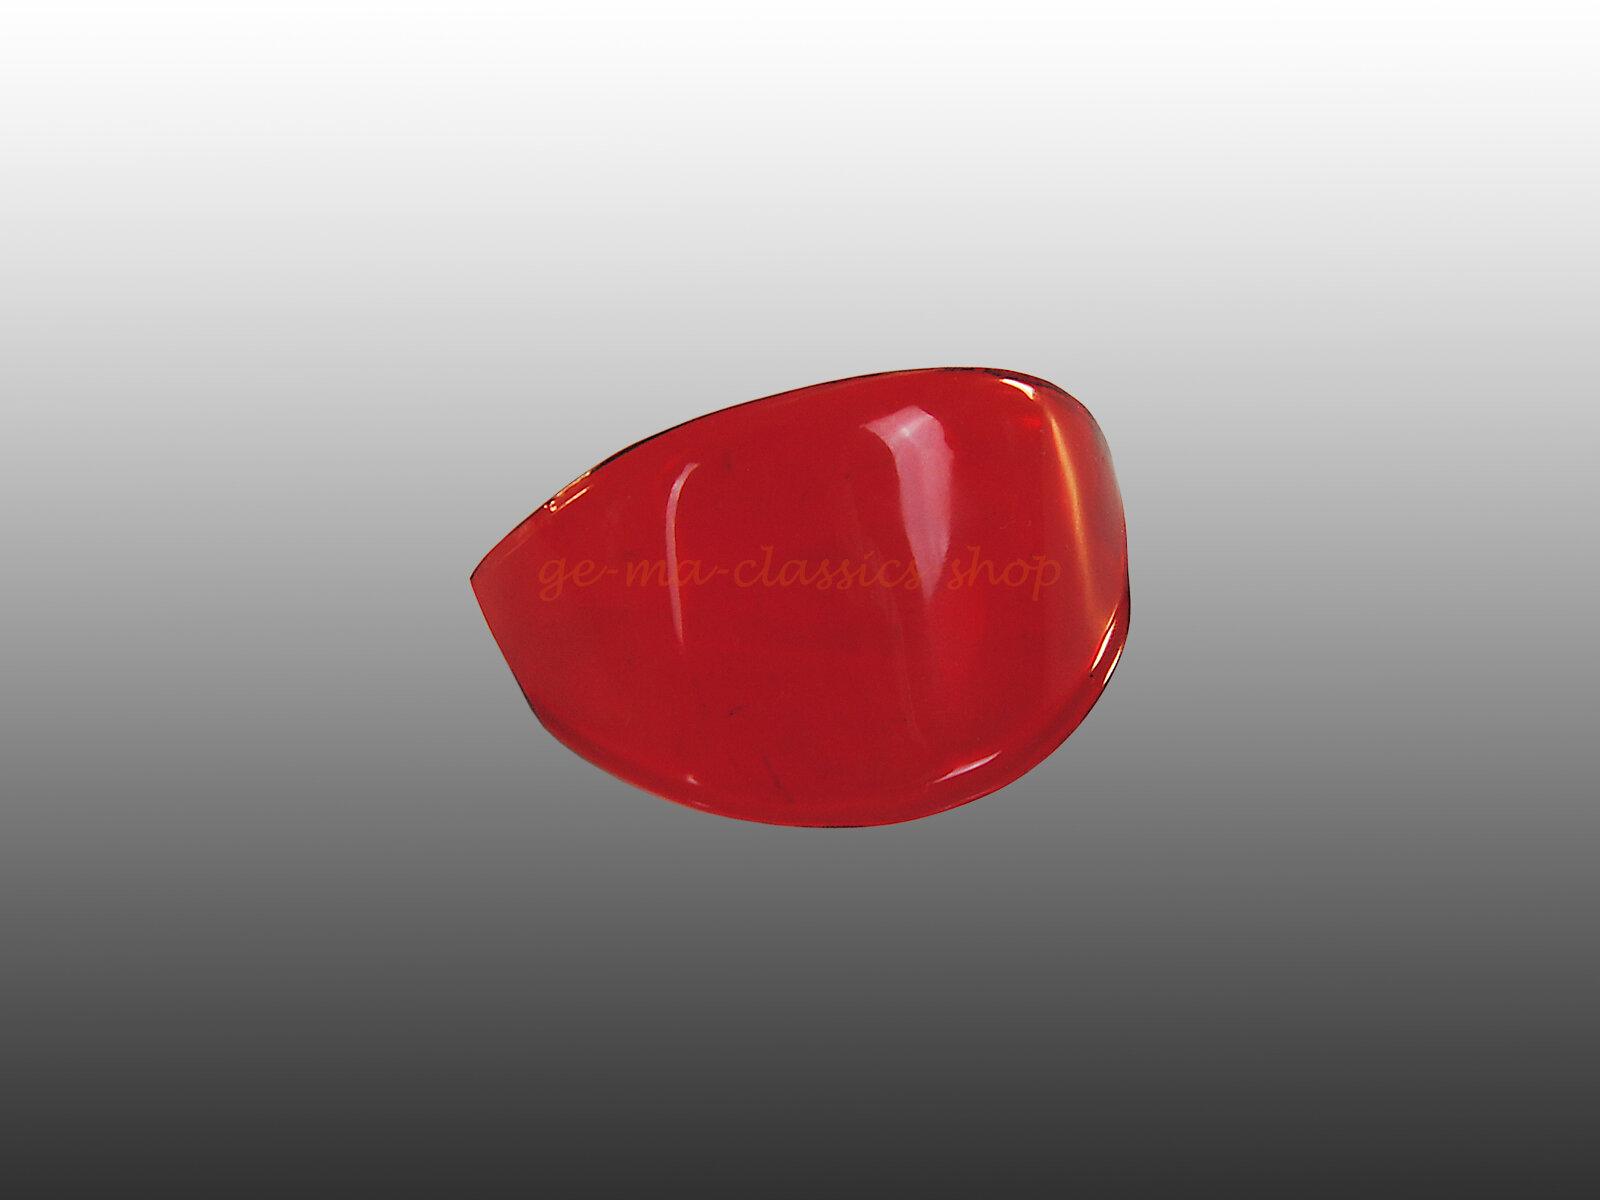 Bremslichtcellone Bremslichtglas Brezel-Käfer Nummernschildnase ROT